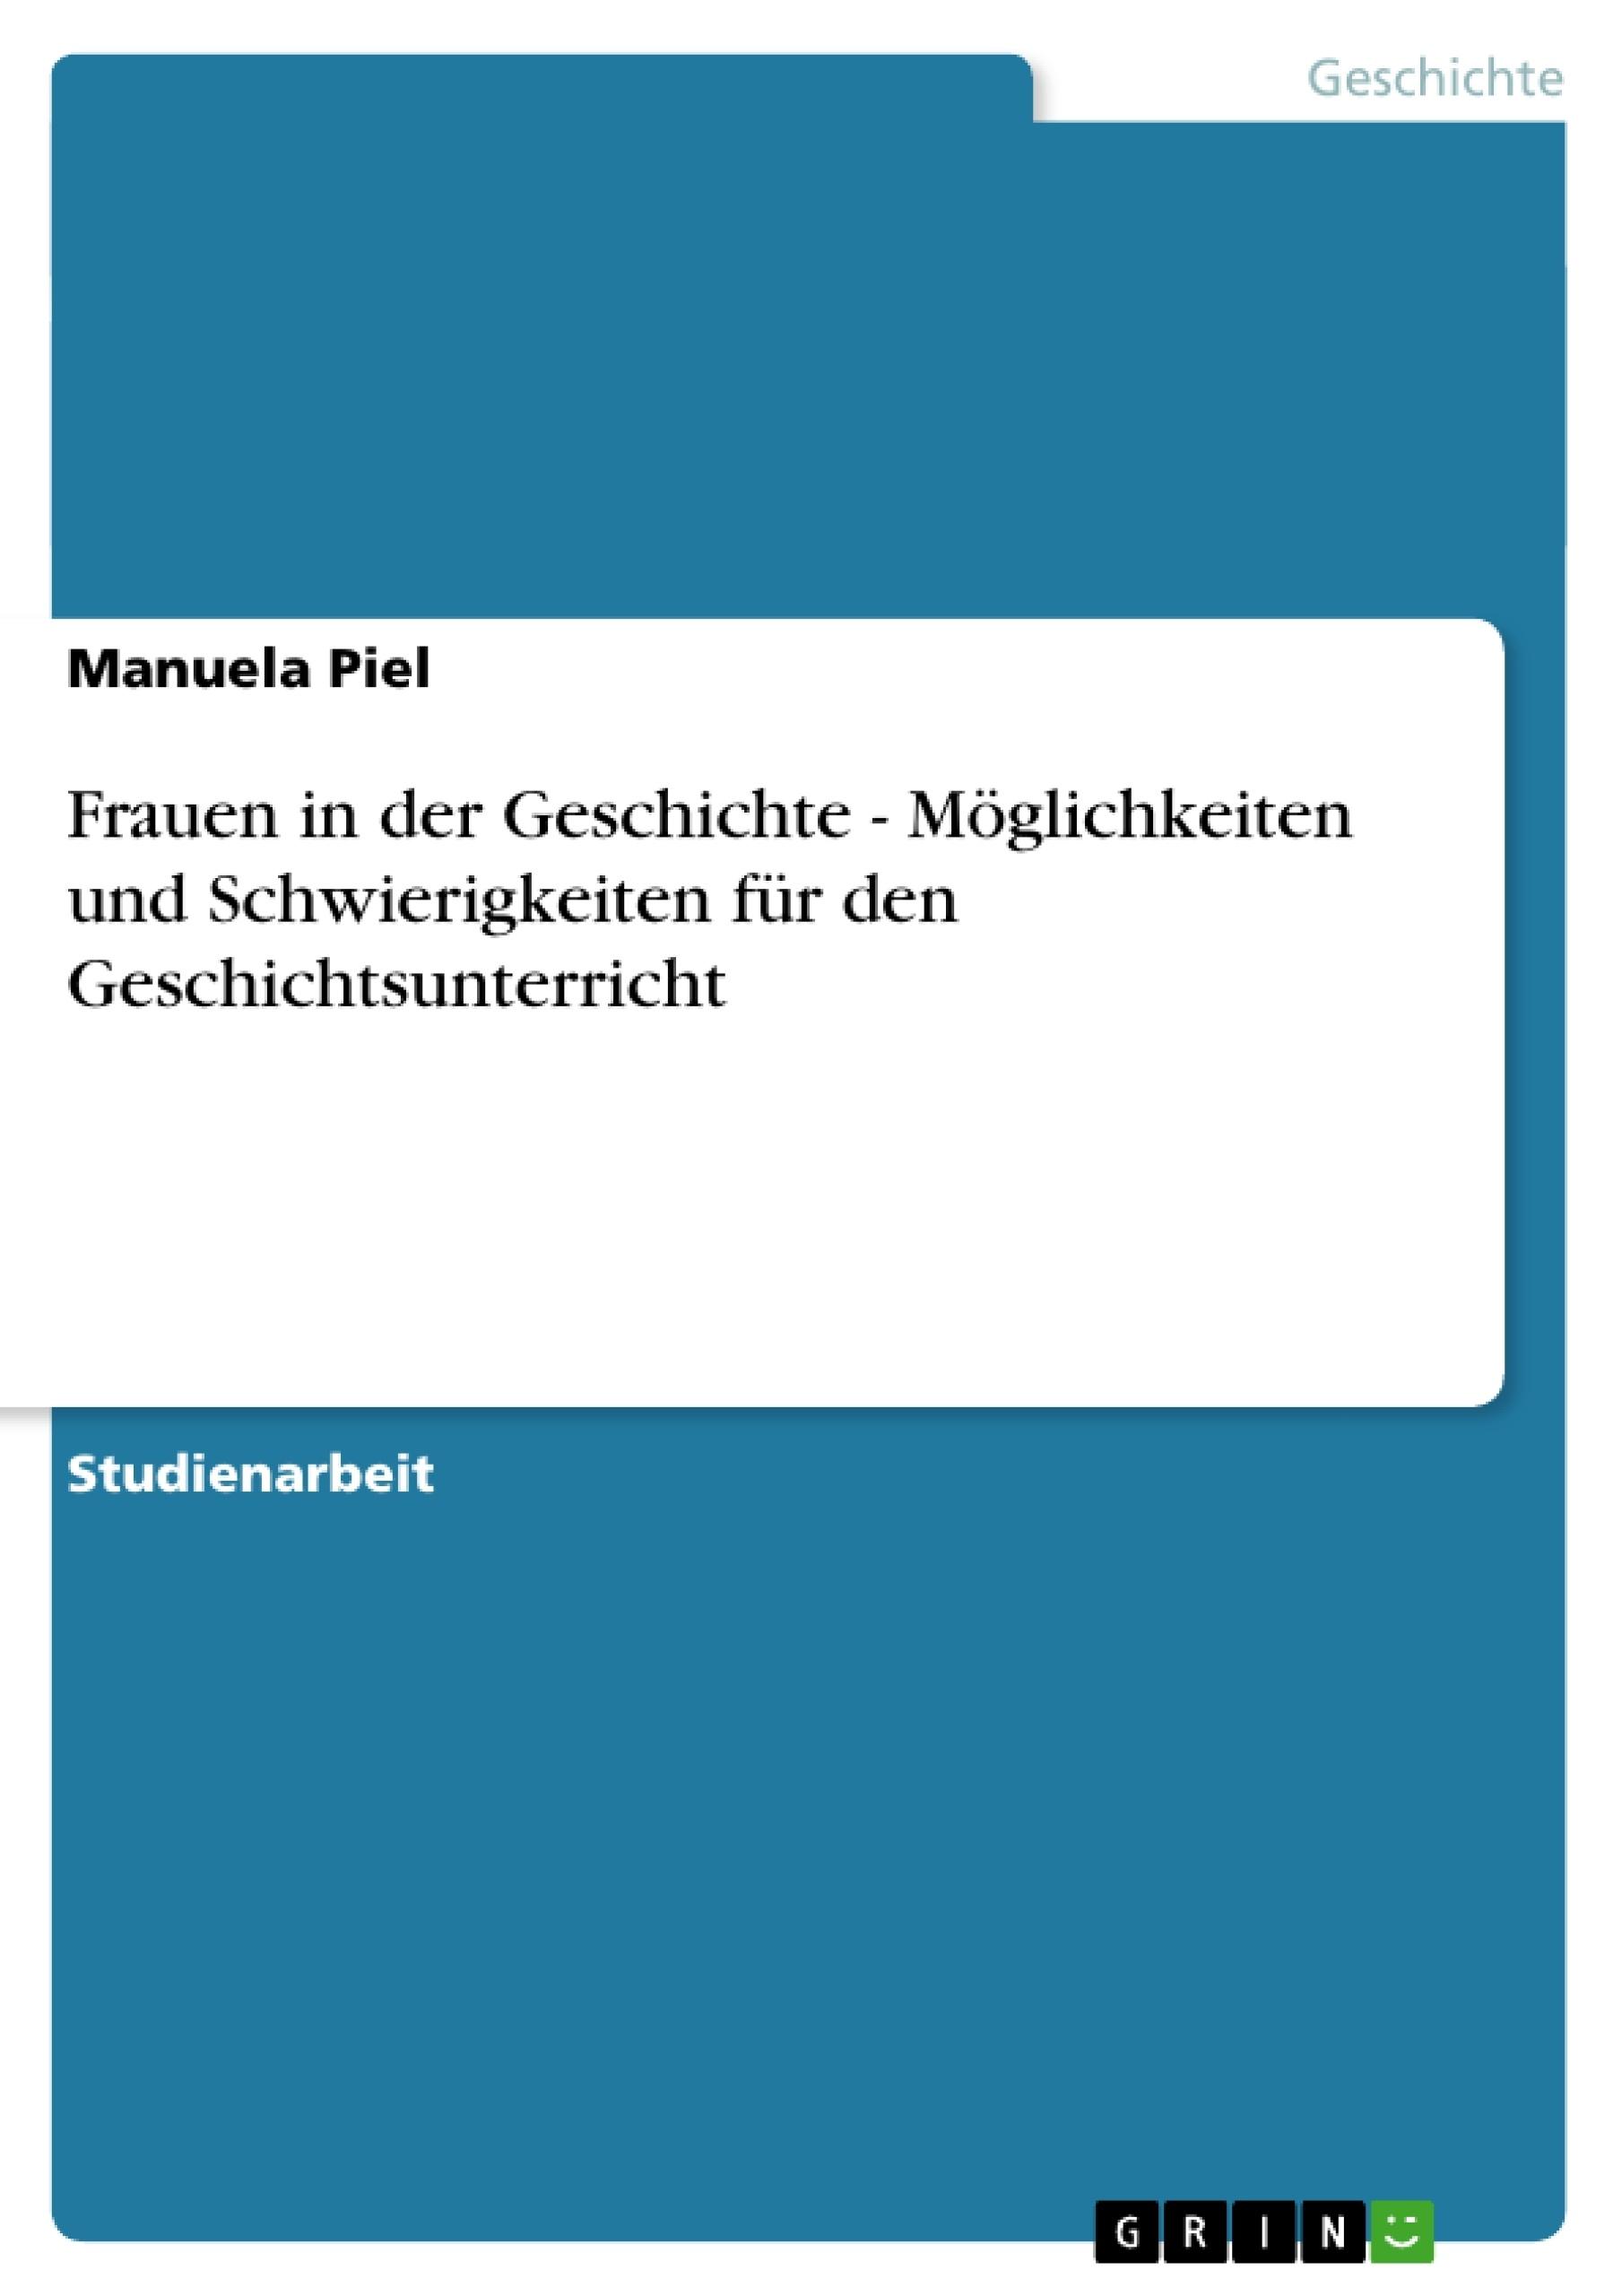 Titel: Frauen in der Geschichte - Möglichkeiten und Schwierigkeiten für den Geschichtsunterricht